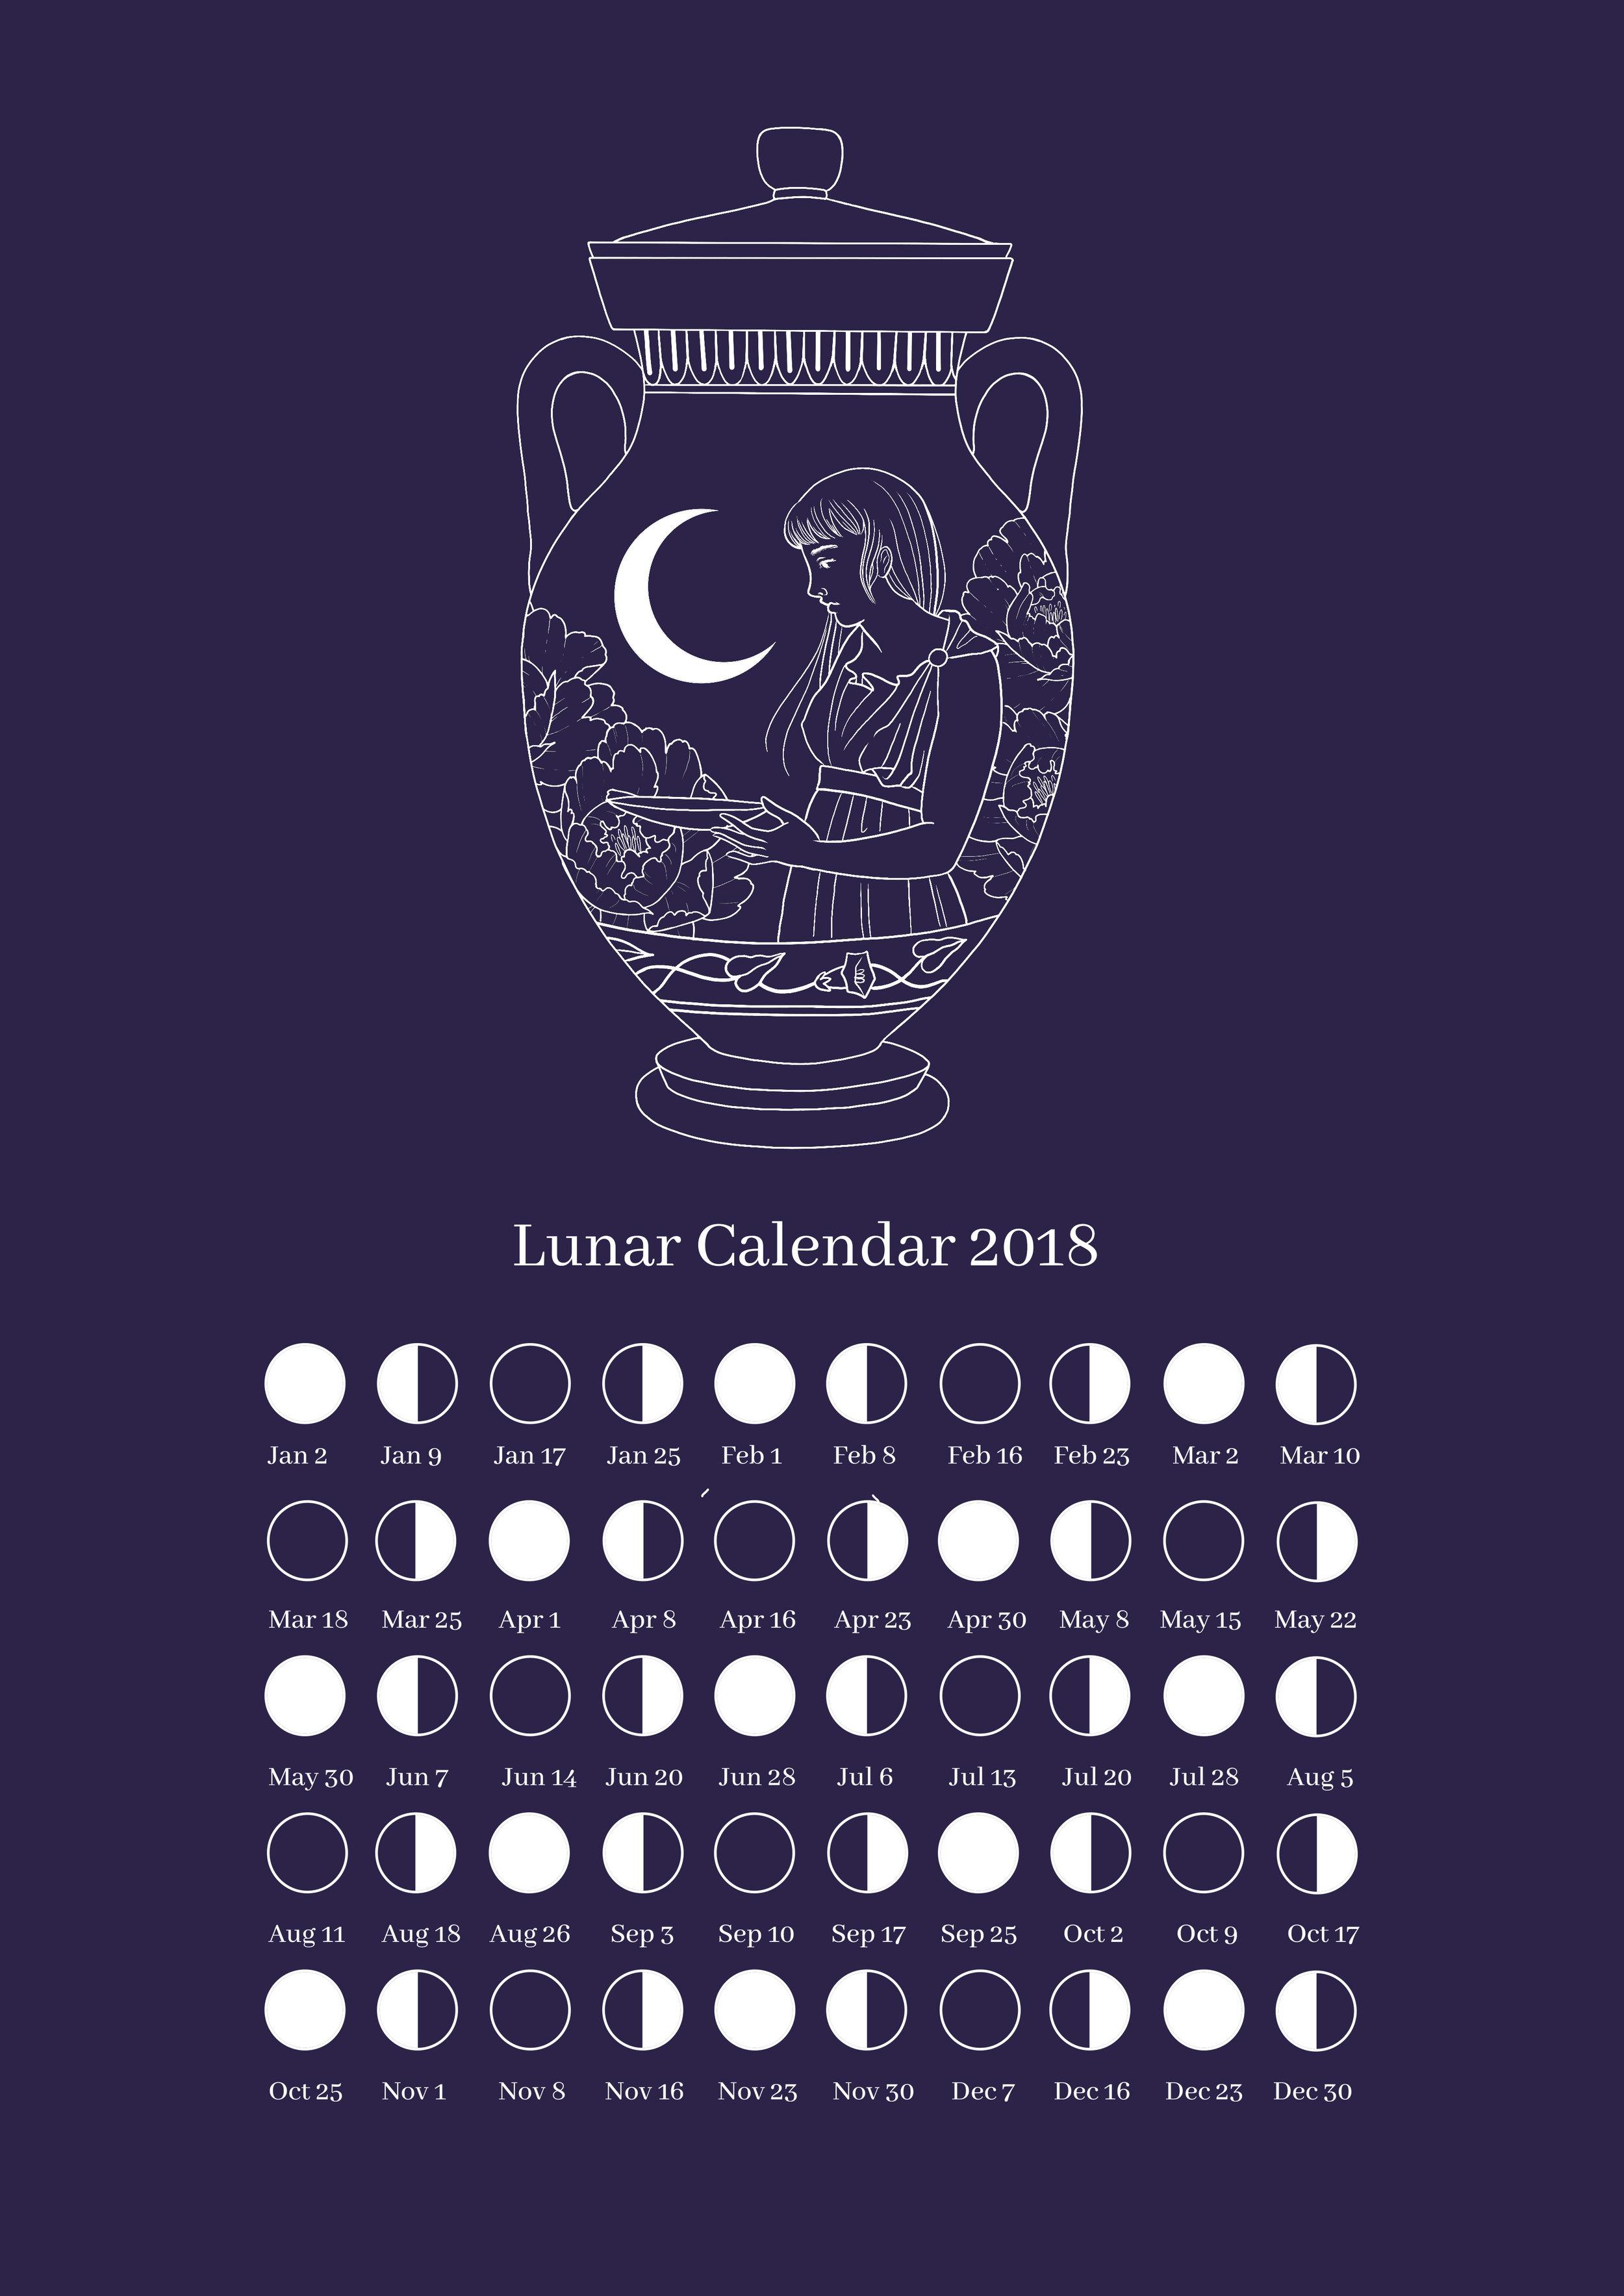 Lunar calendar 2018.jpg